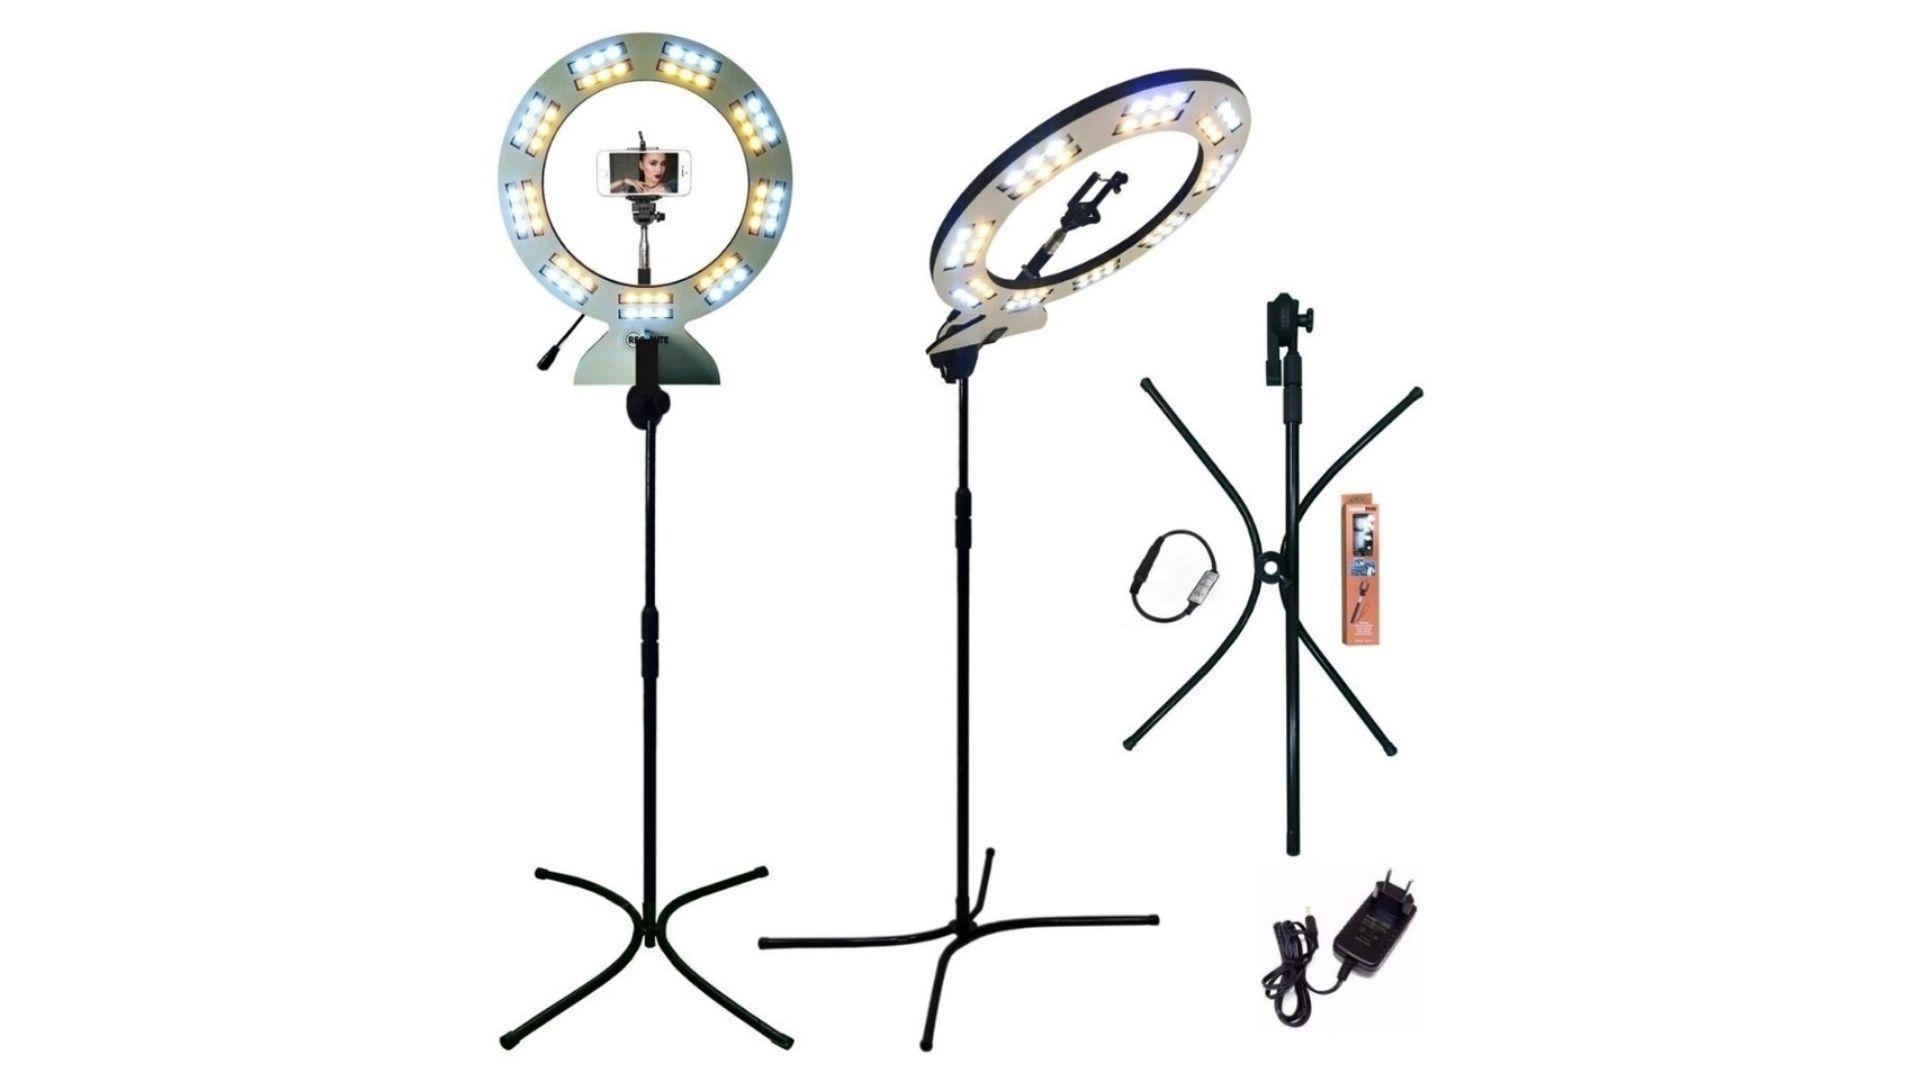 Ring light com tripé permite gravar em vários ânculos (Foto: Divulgação/Requinte Arte)